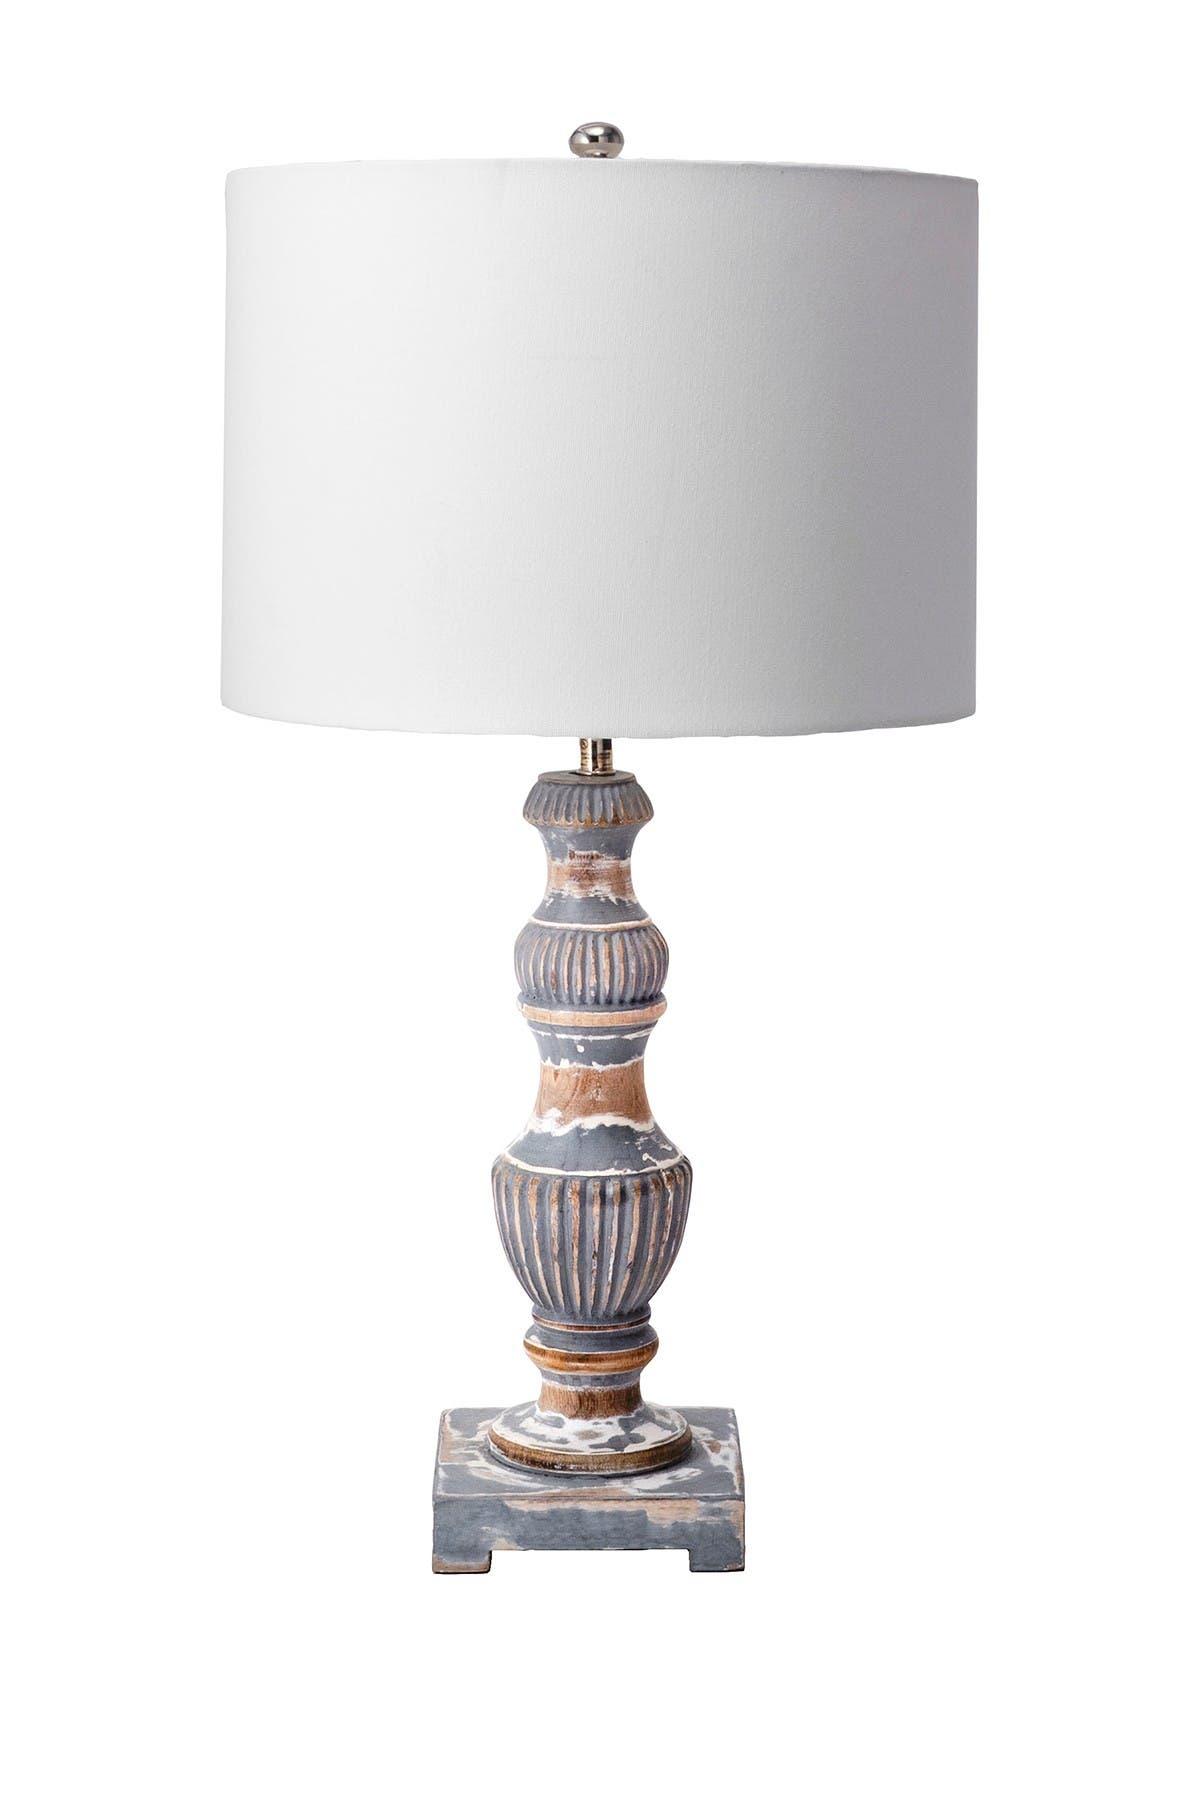 """Image of nuLOOM Jiley Wood 14"""" Table Lamp"""